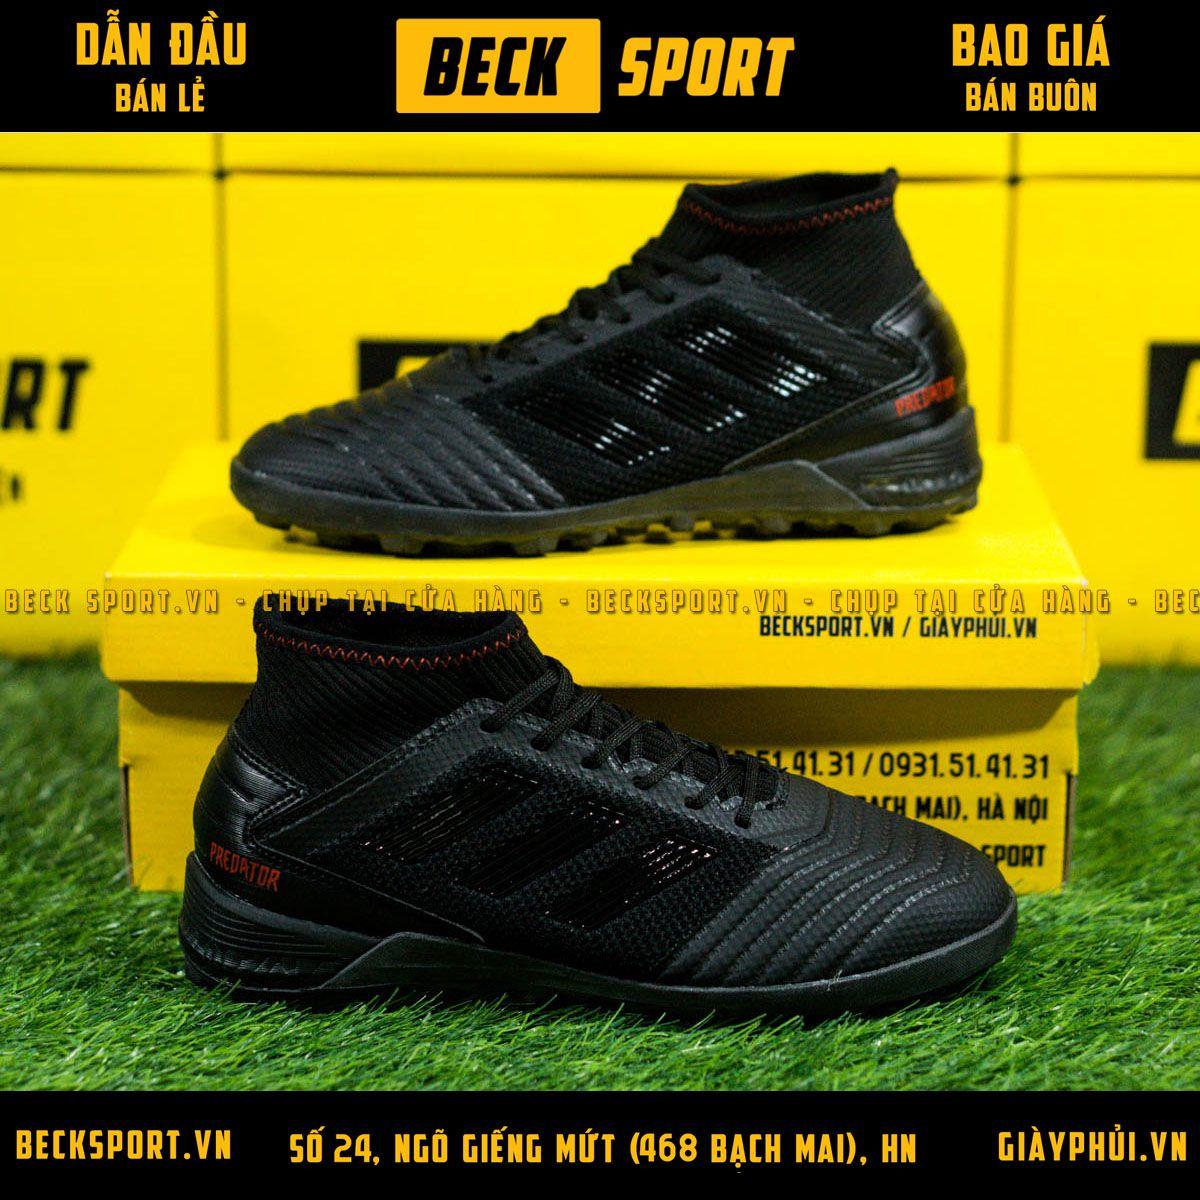 Giày Bóng Đá Trẻ Em Adidas Predator 19.3 Đen Tuyền Đế Boost Cao Cổ TF